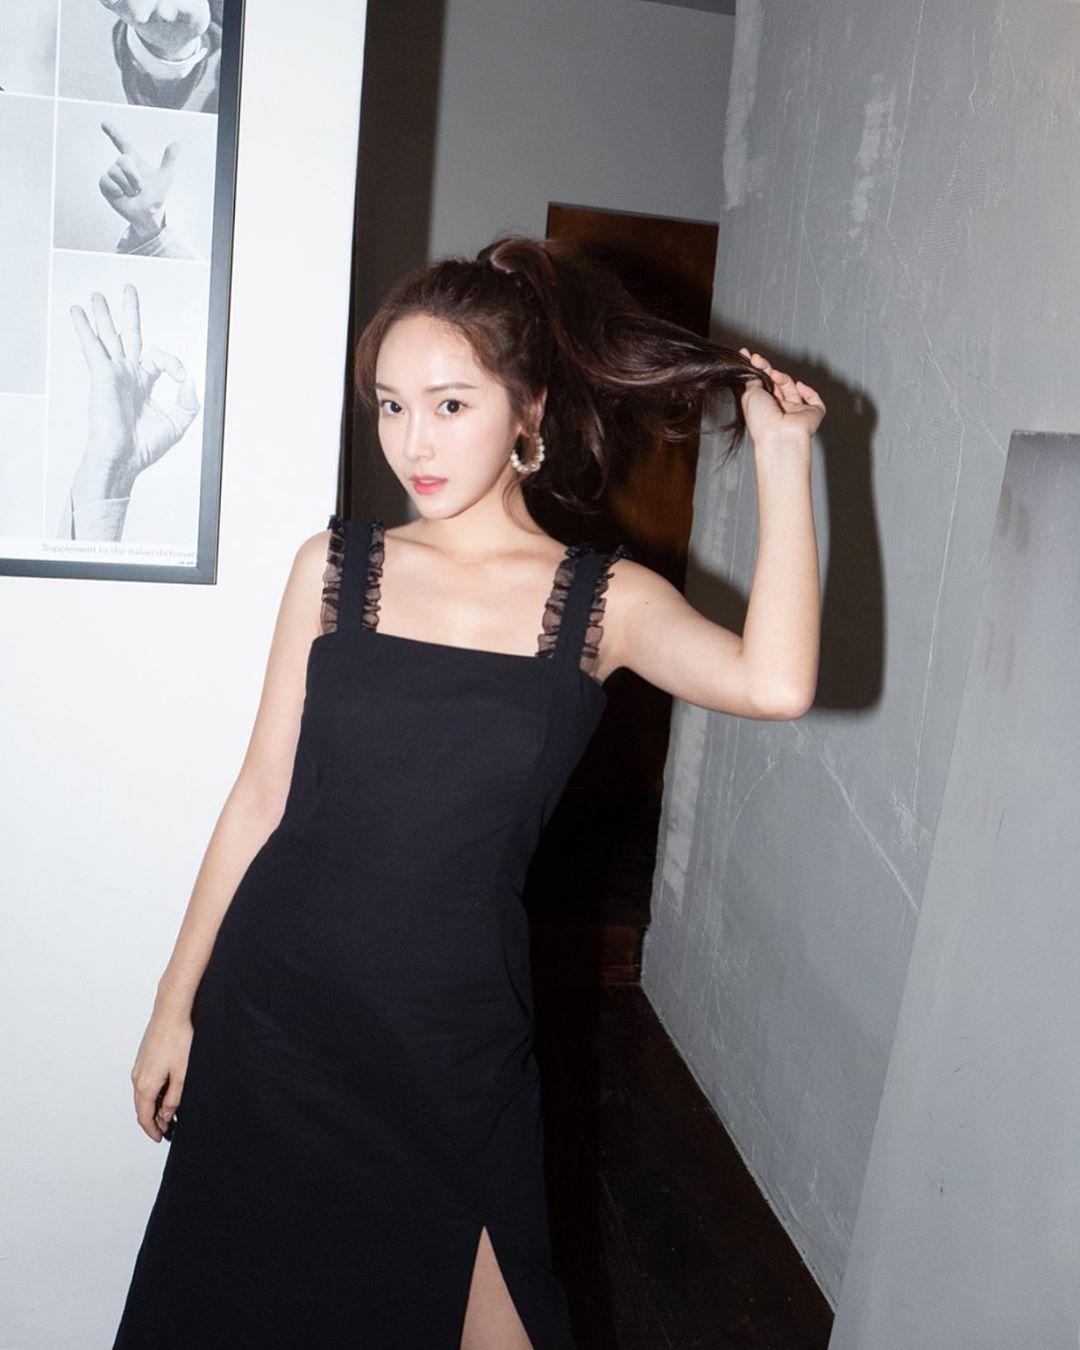 5 sao Hàn chị em nên 'theo dõi' sát nút để bắt không trượt trend nào và tạo một cuộc cải tổ phong cách - Ảnh 14